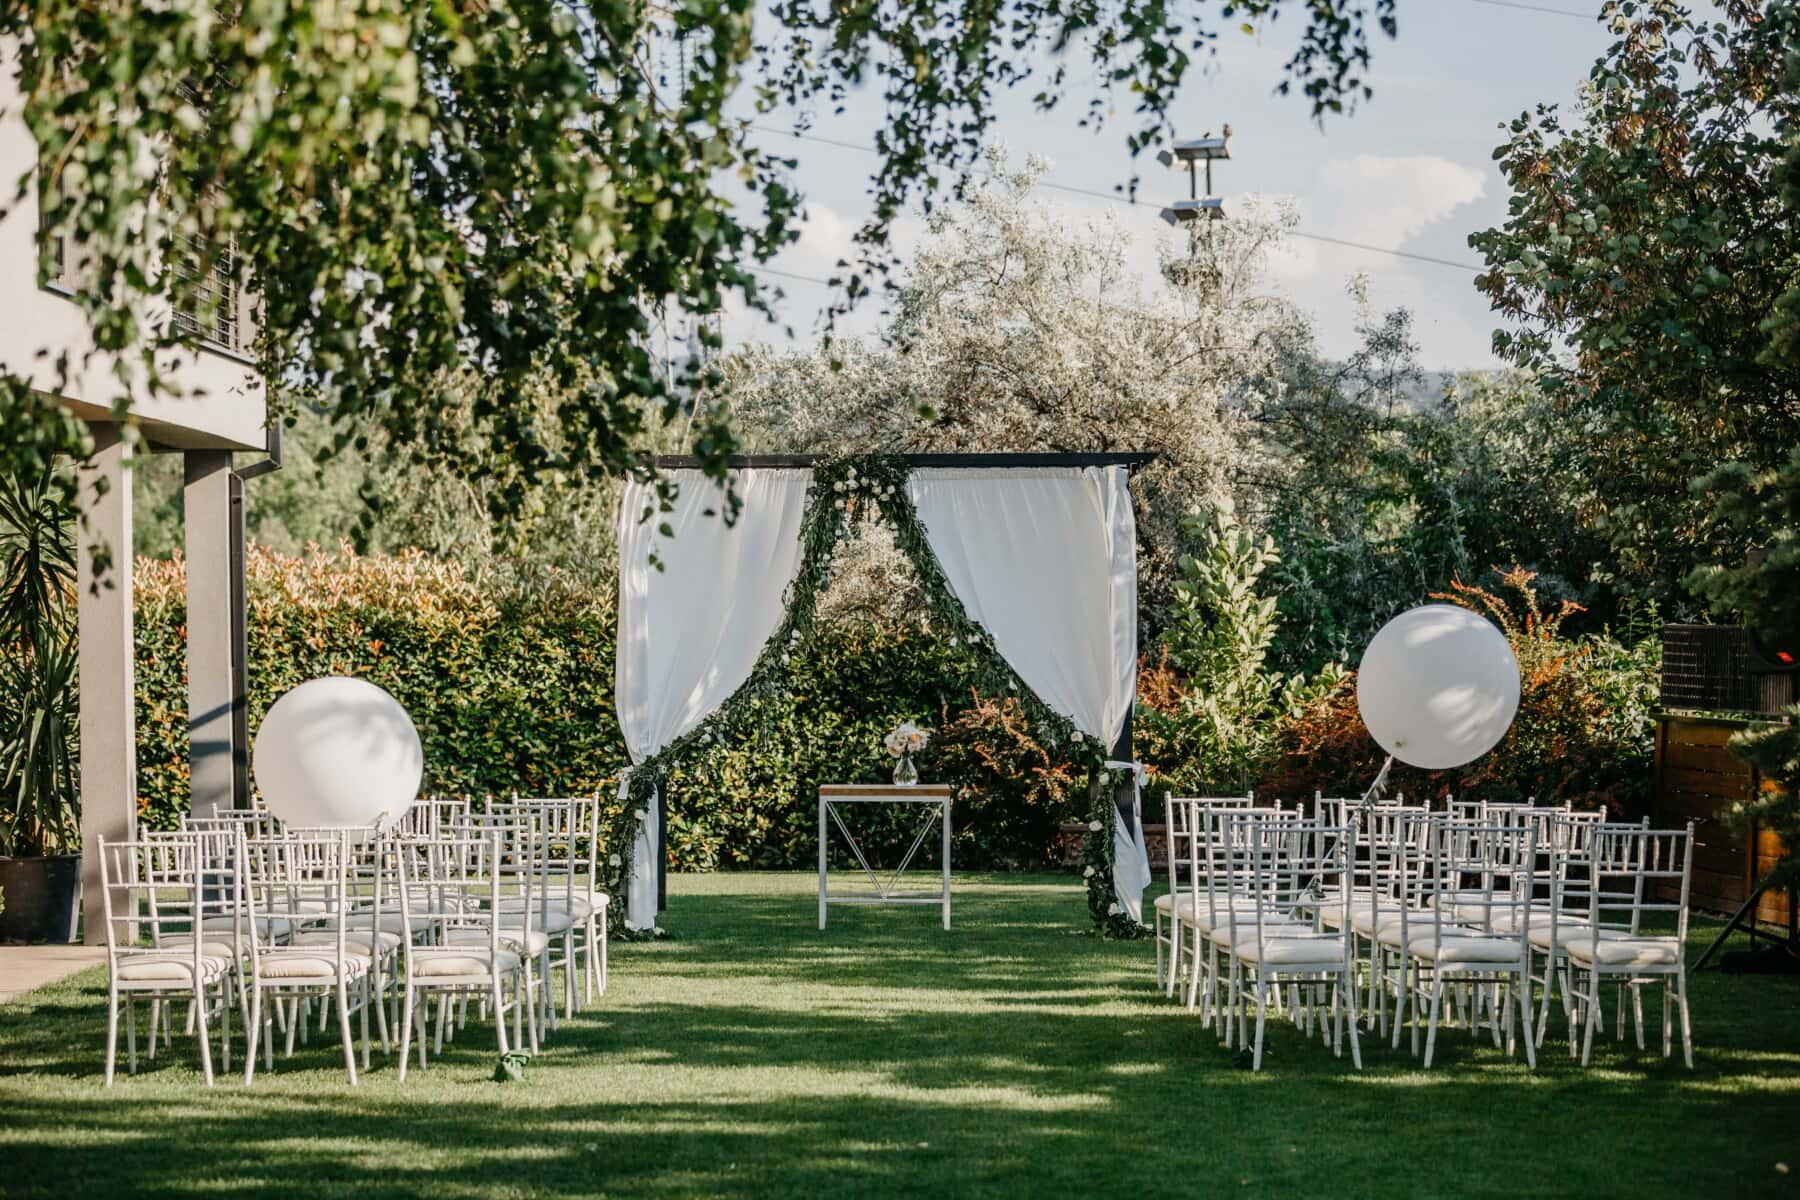 Hochzeitsort, Garten, elegant, Möbel, Rasen, Struktur, Stuhl, Park, Architektur, Familie